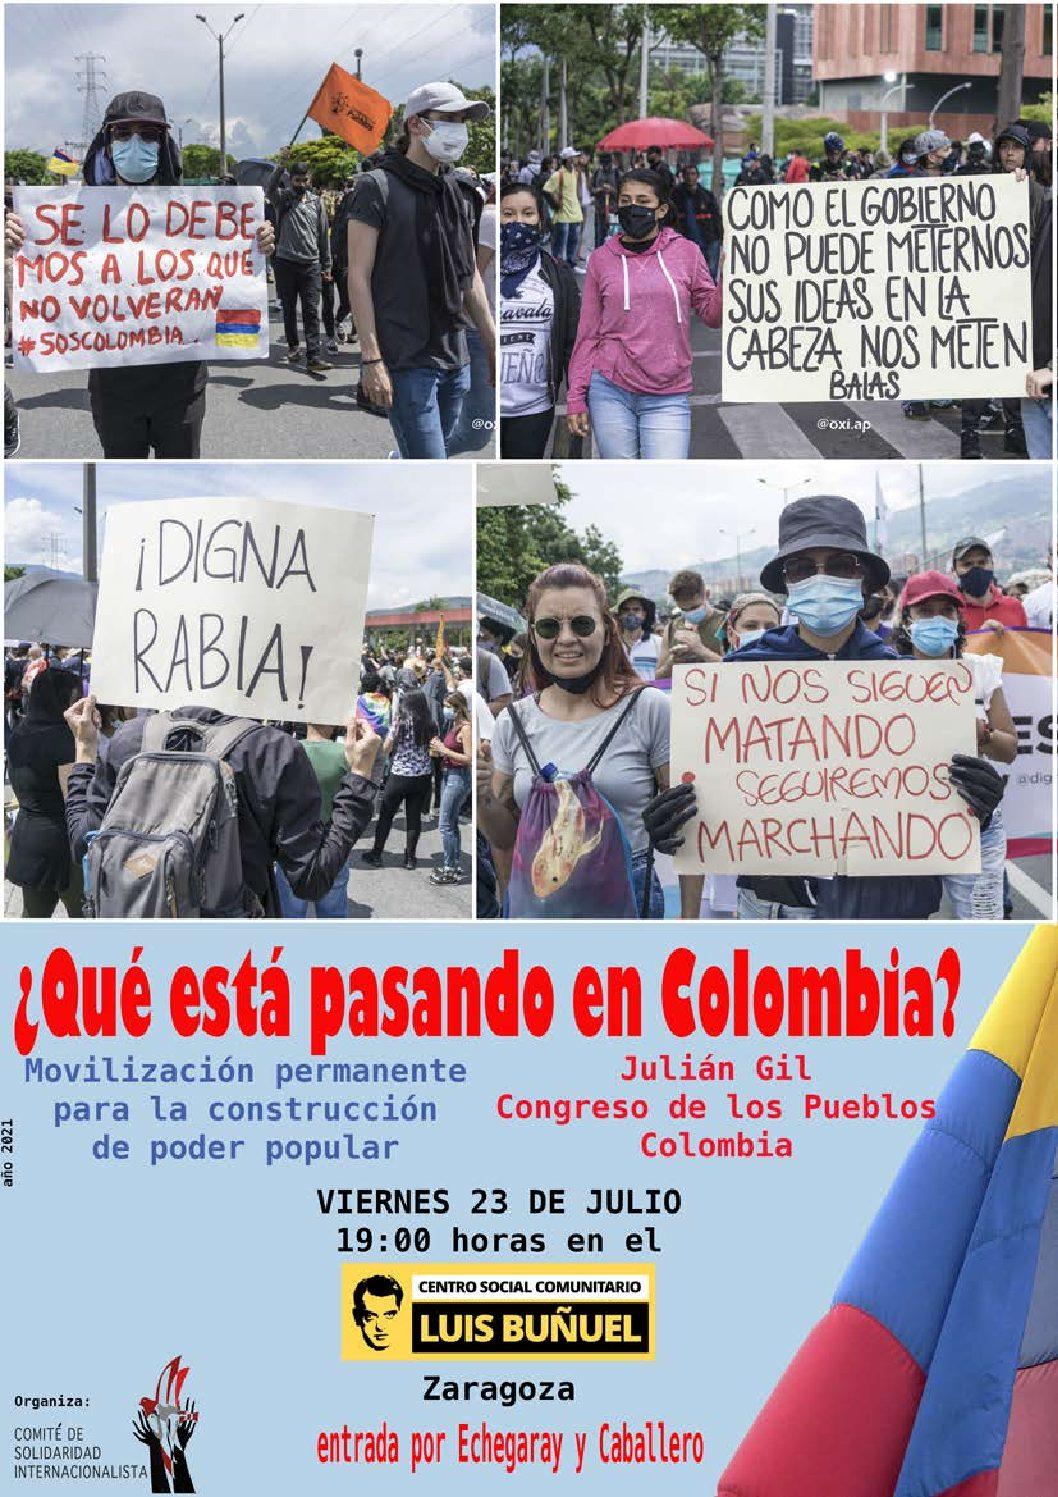 Qué está pasando en Colombia: Movilización permanente para la construcción de poder popular.